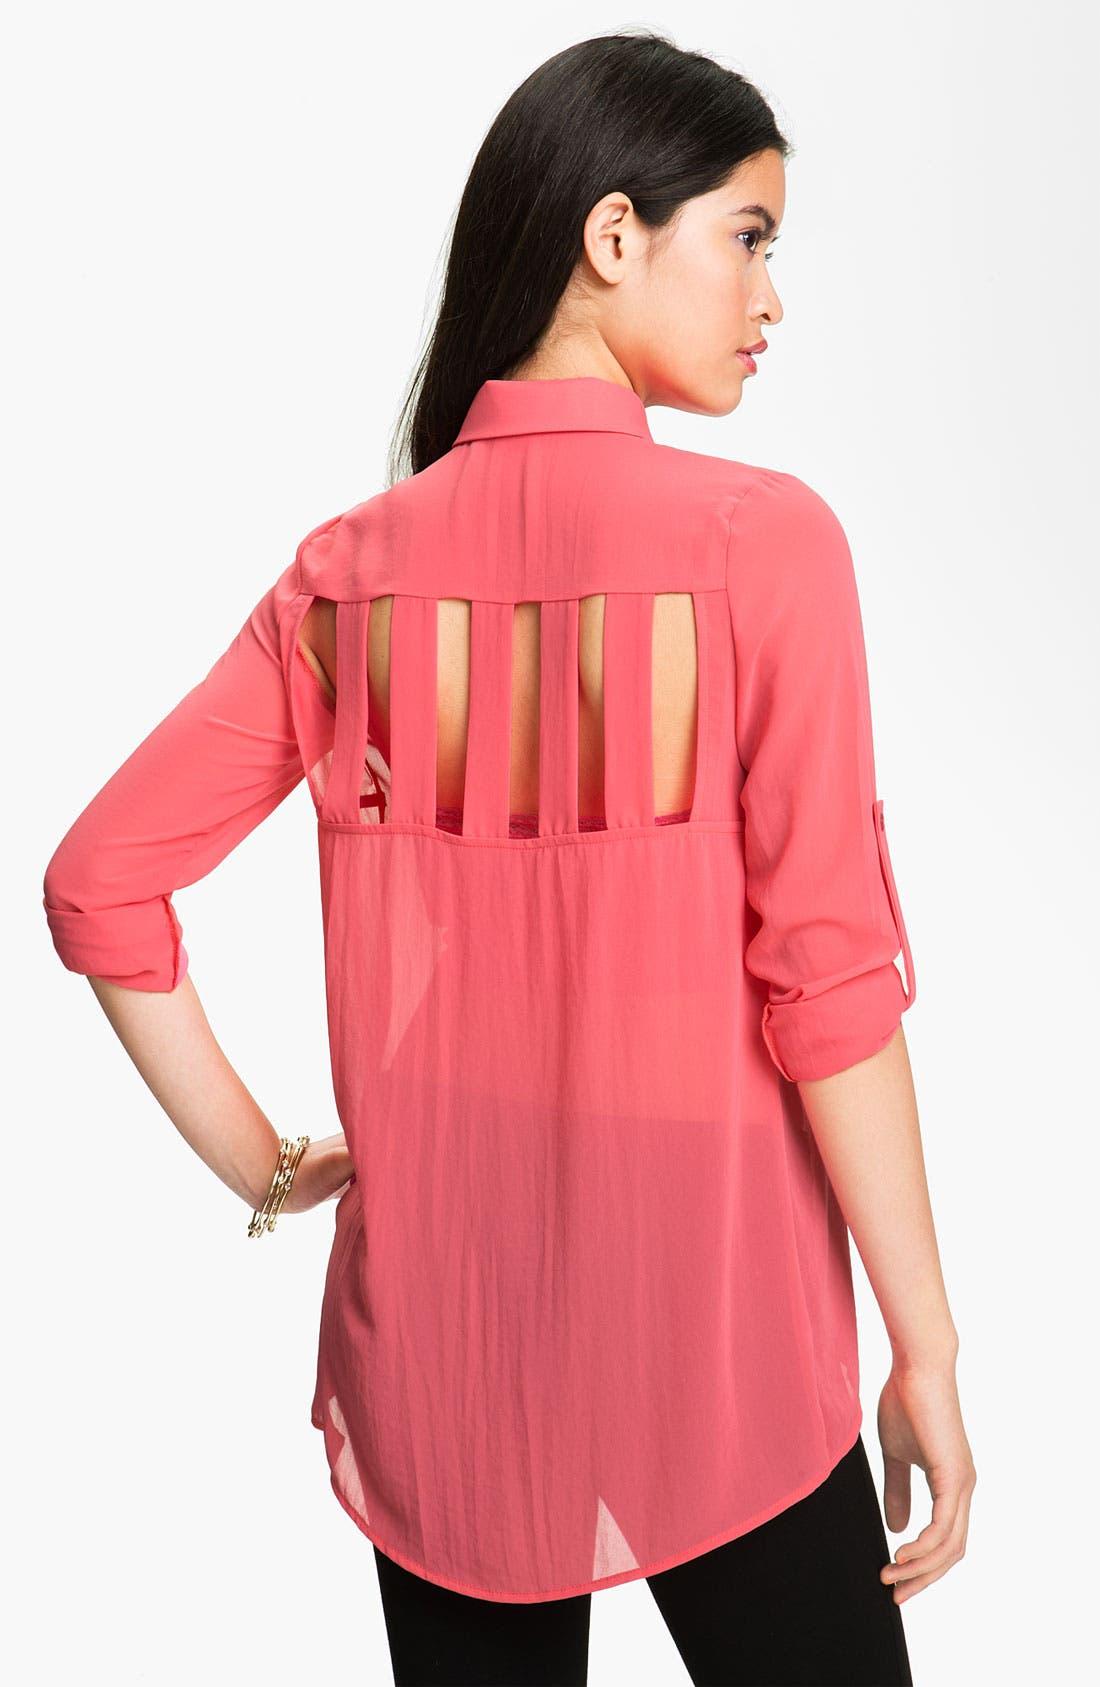 Alternate Image 1 Selected - Lush Cutout Back Shirt (Juniors)